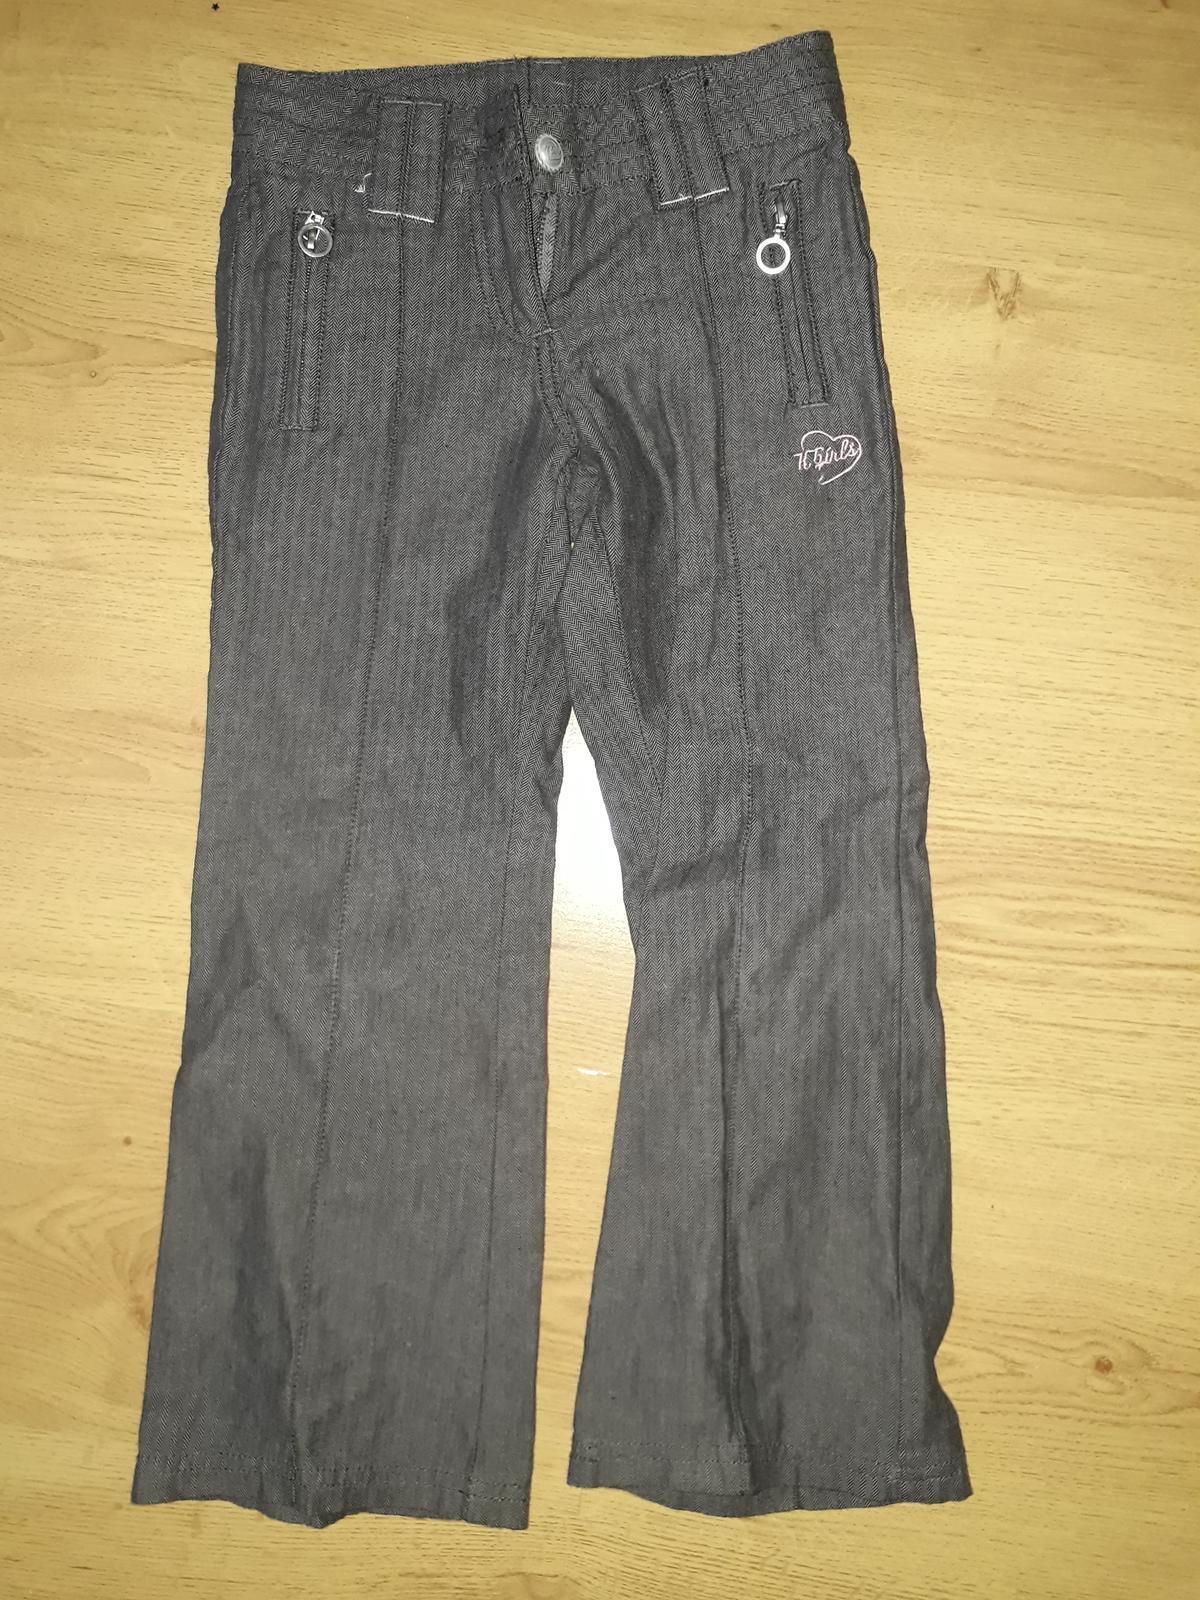 dívčí plátěné kalhoty - Obrázek č. 1